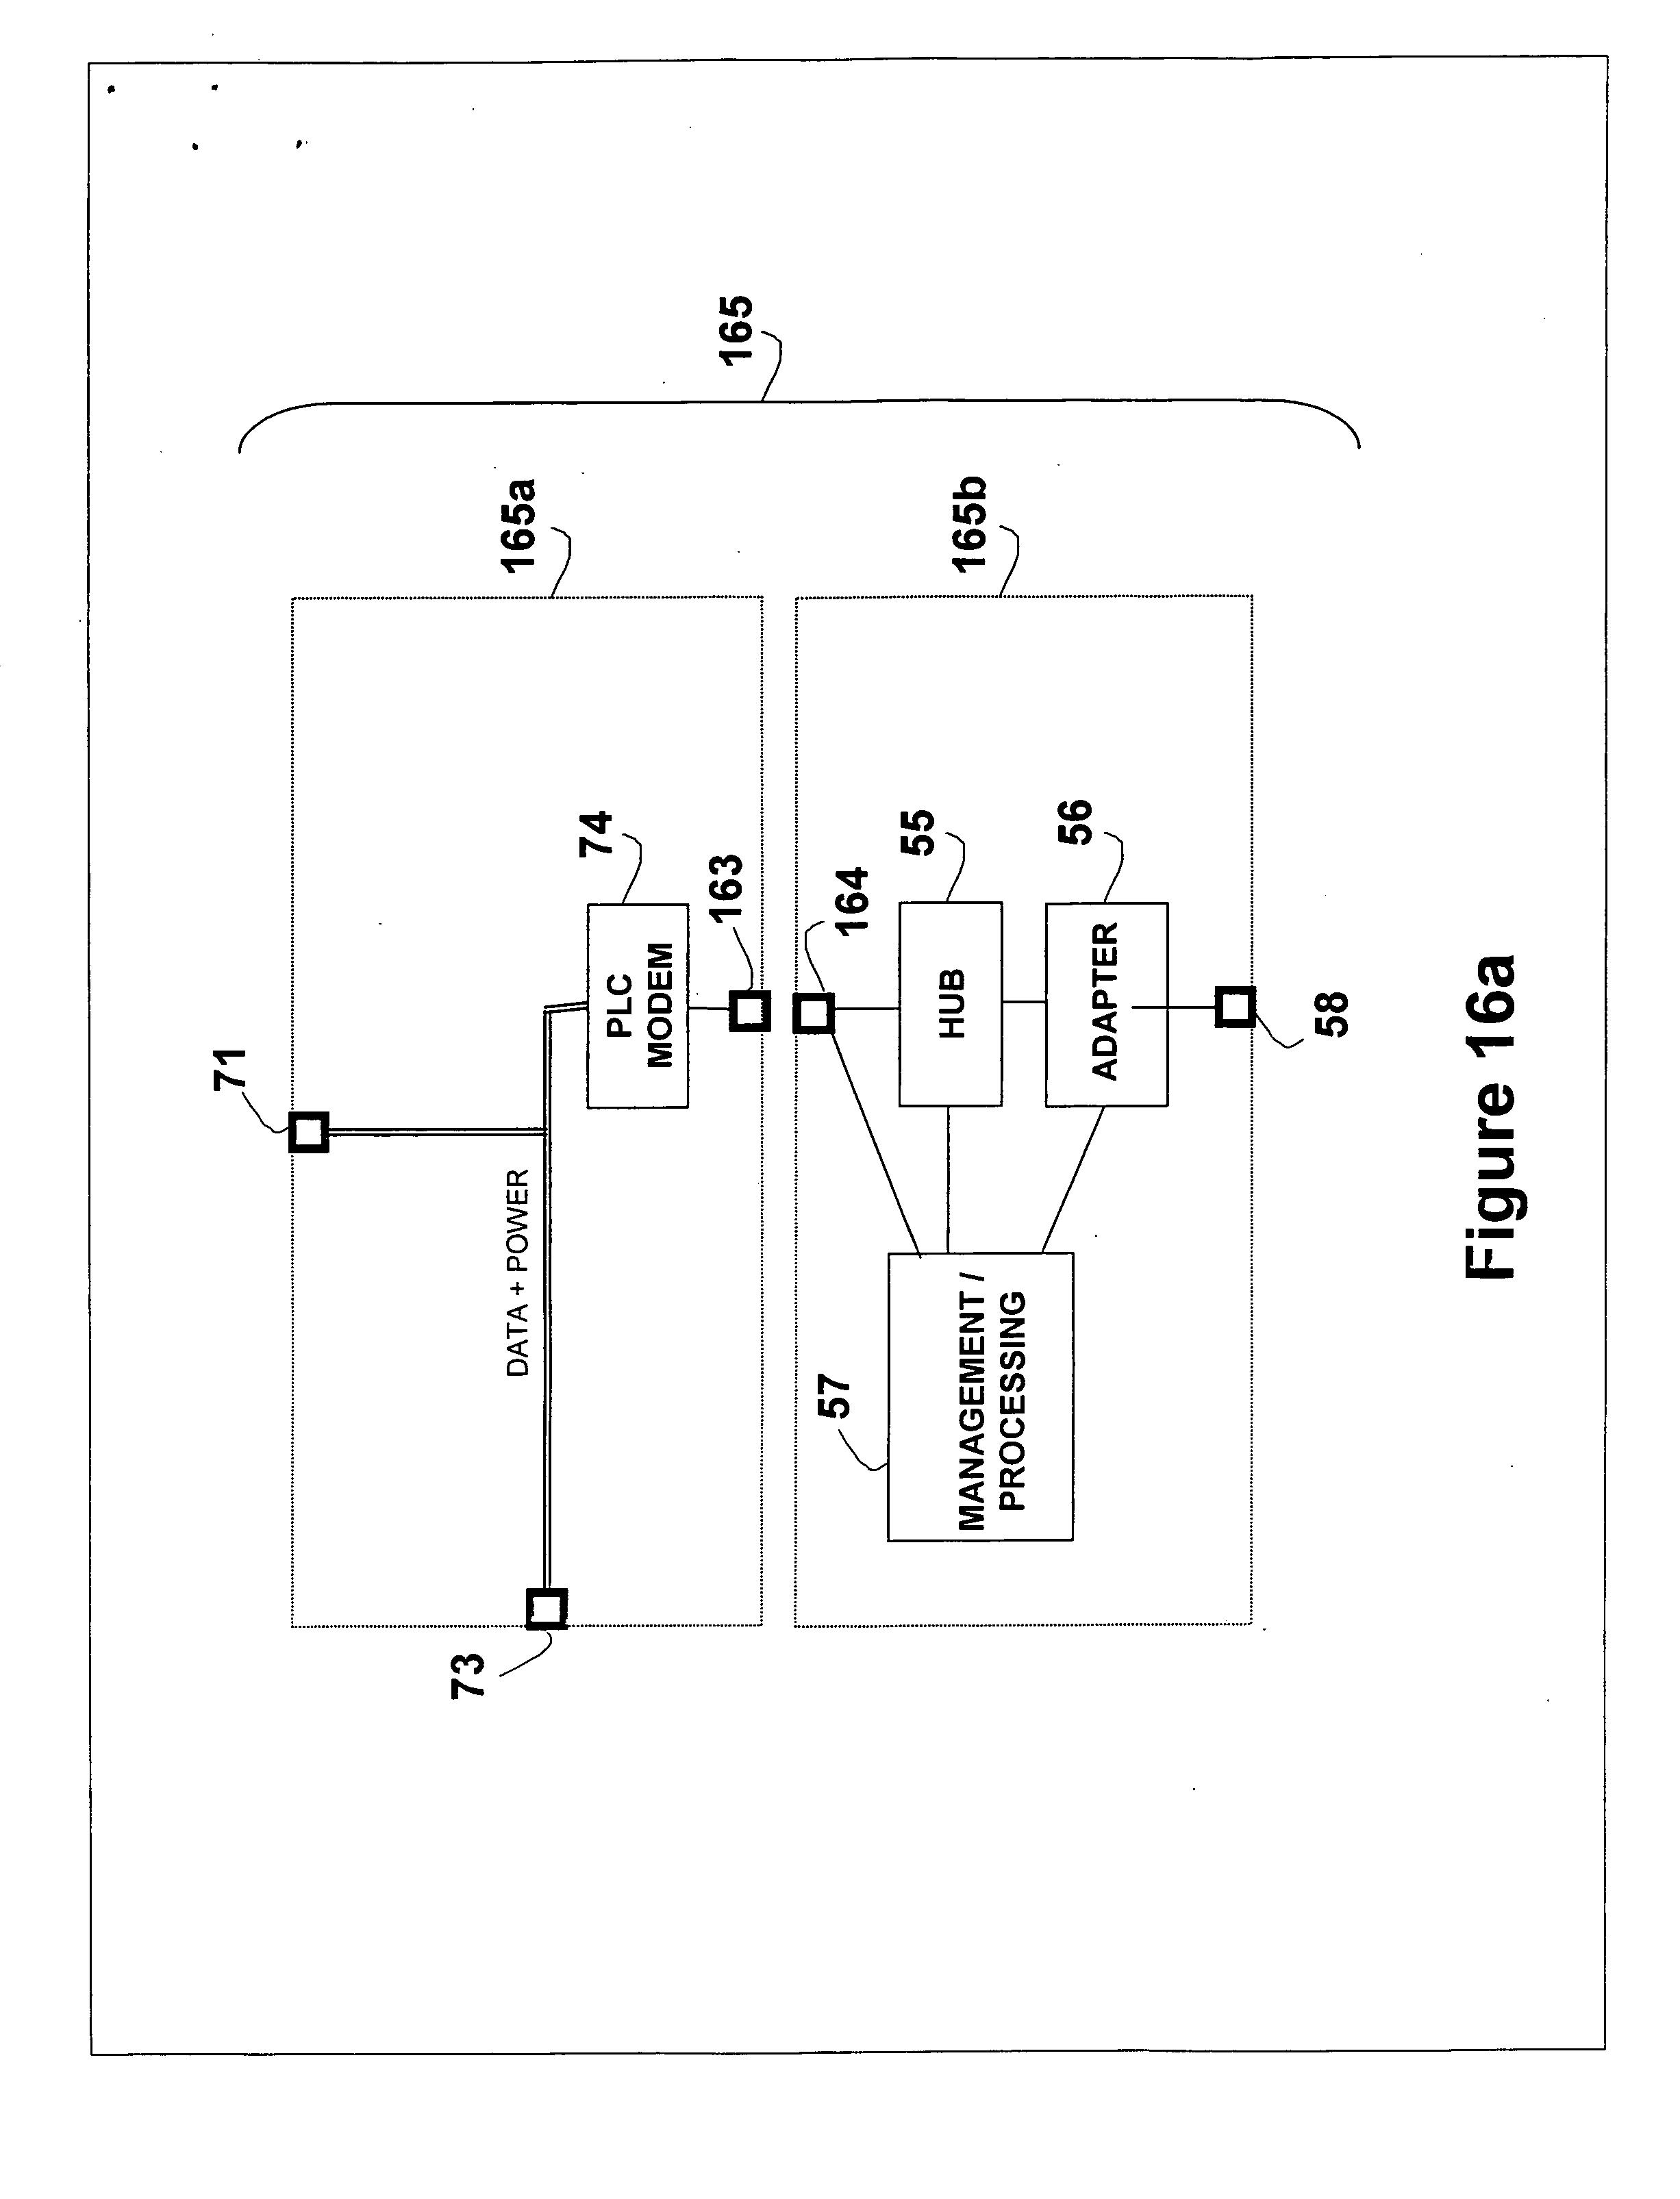 basic wiring catv networking wiring